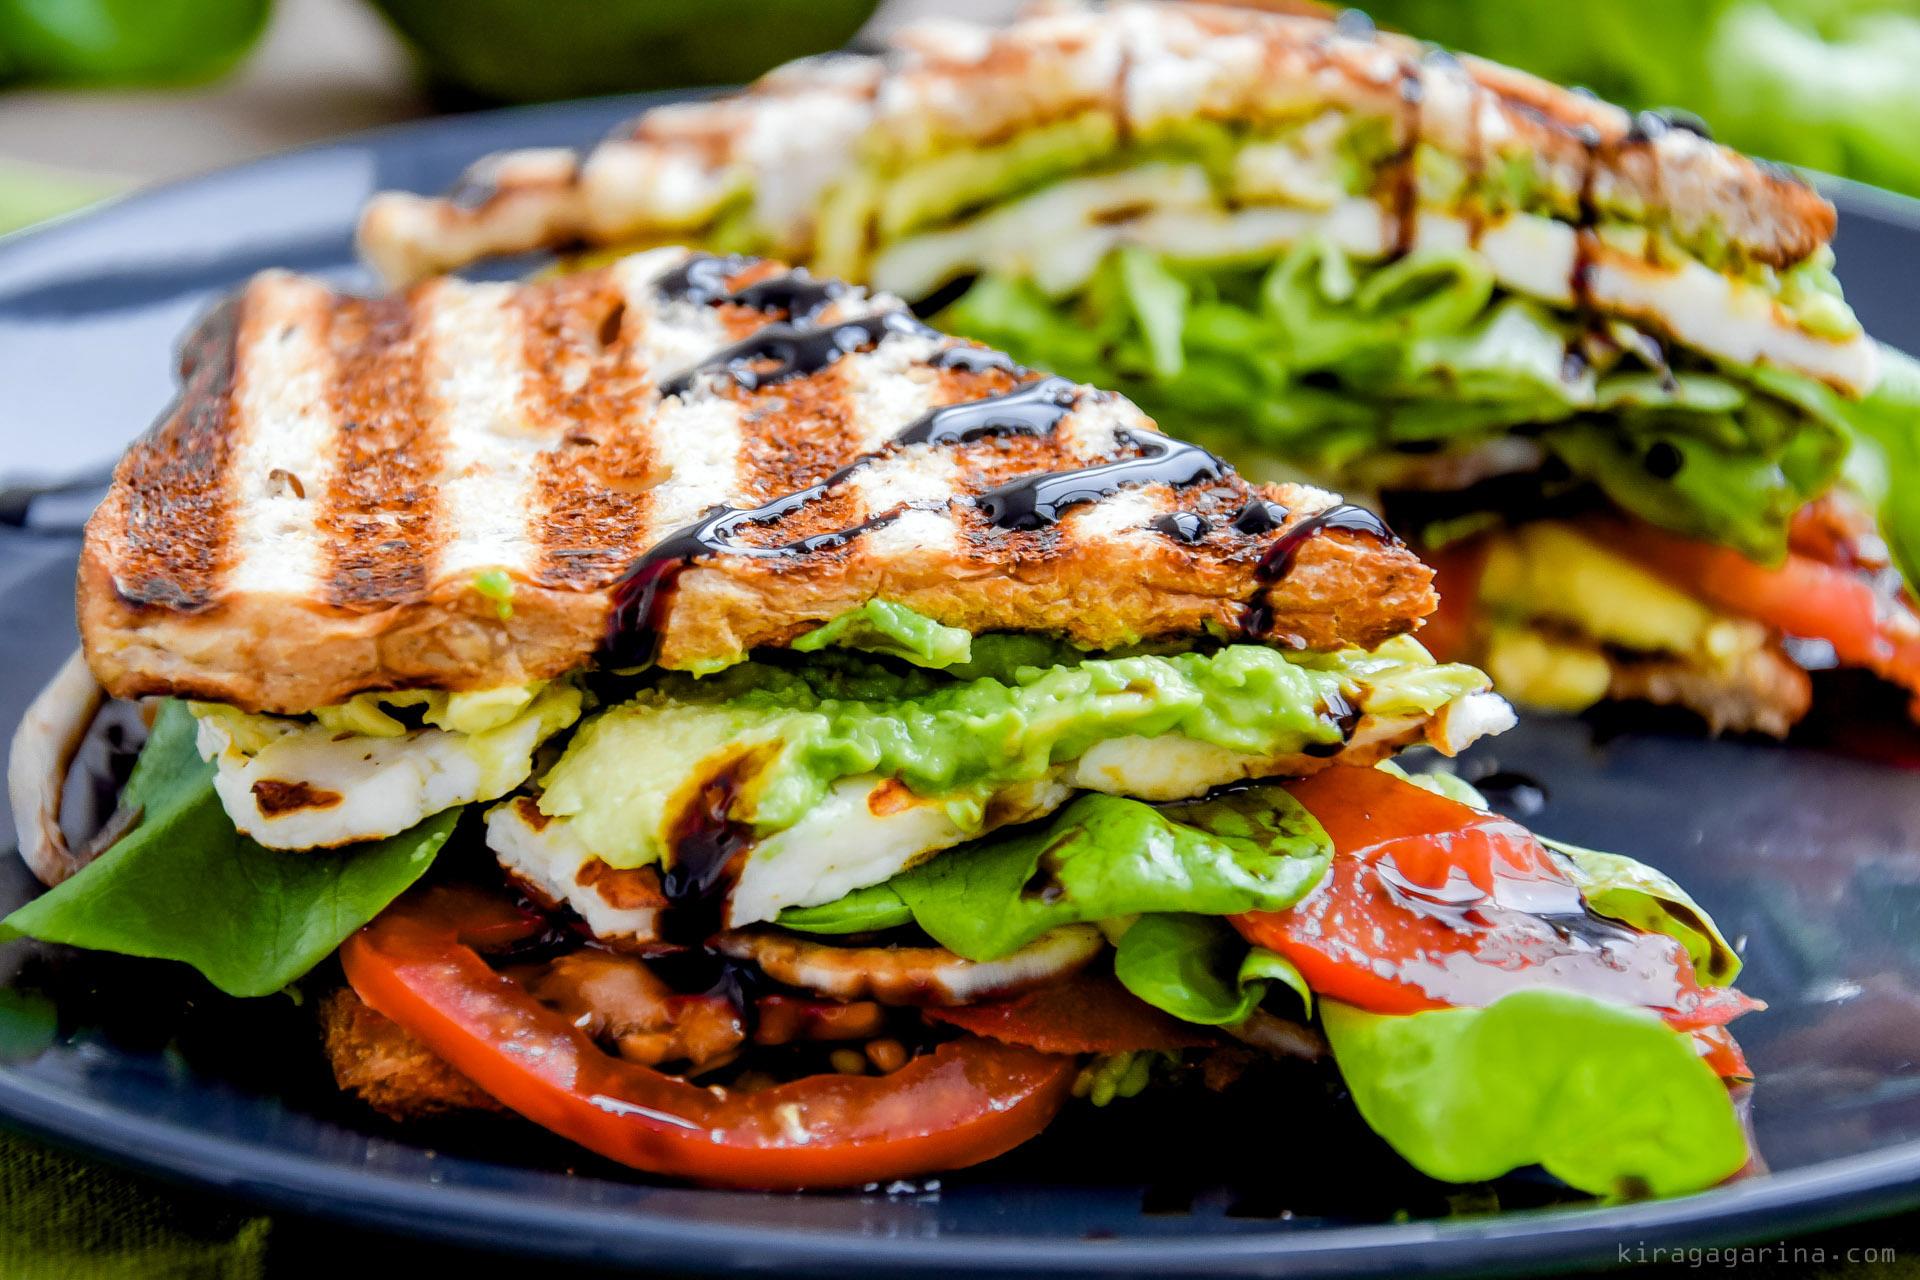 отличие красивые сэндвичи фото сделать упражнение позитивным